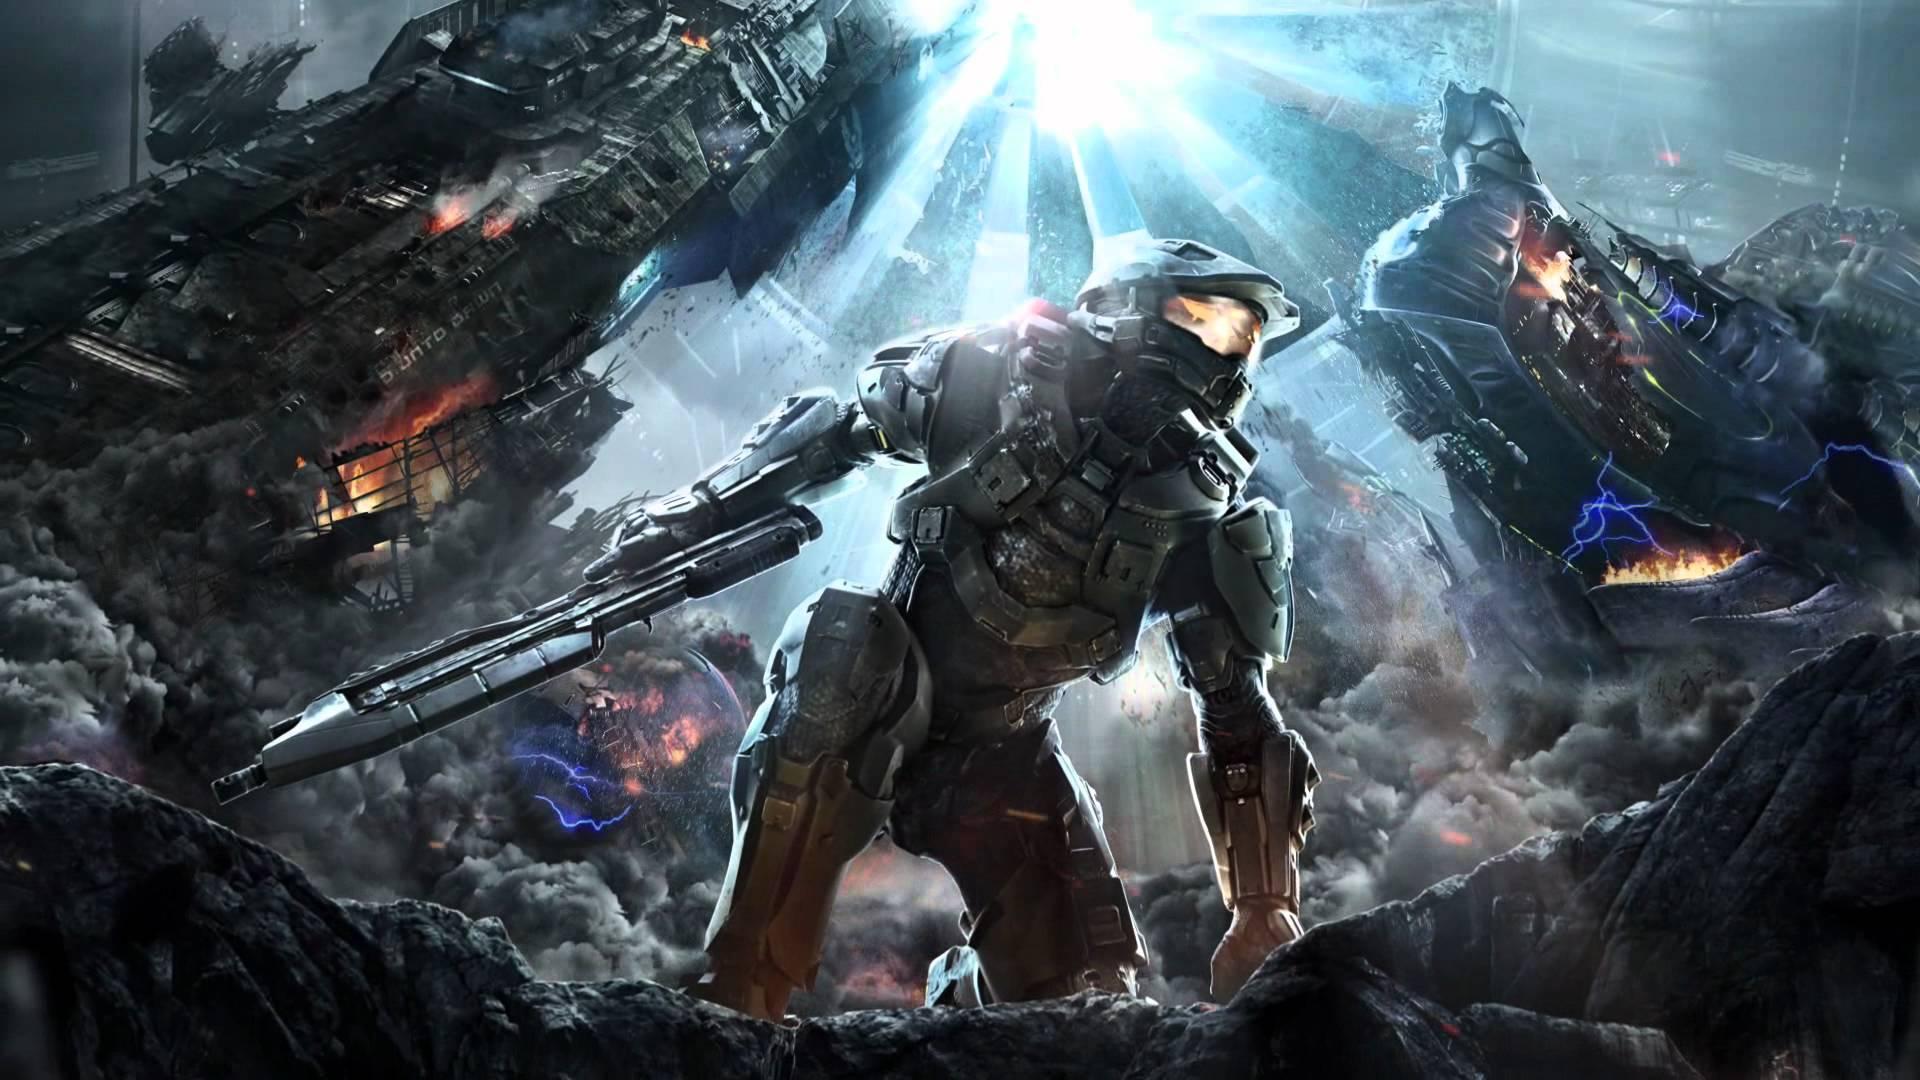 Halo 4 - Halo 4 photos ...